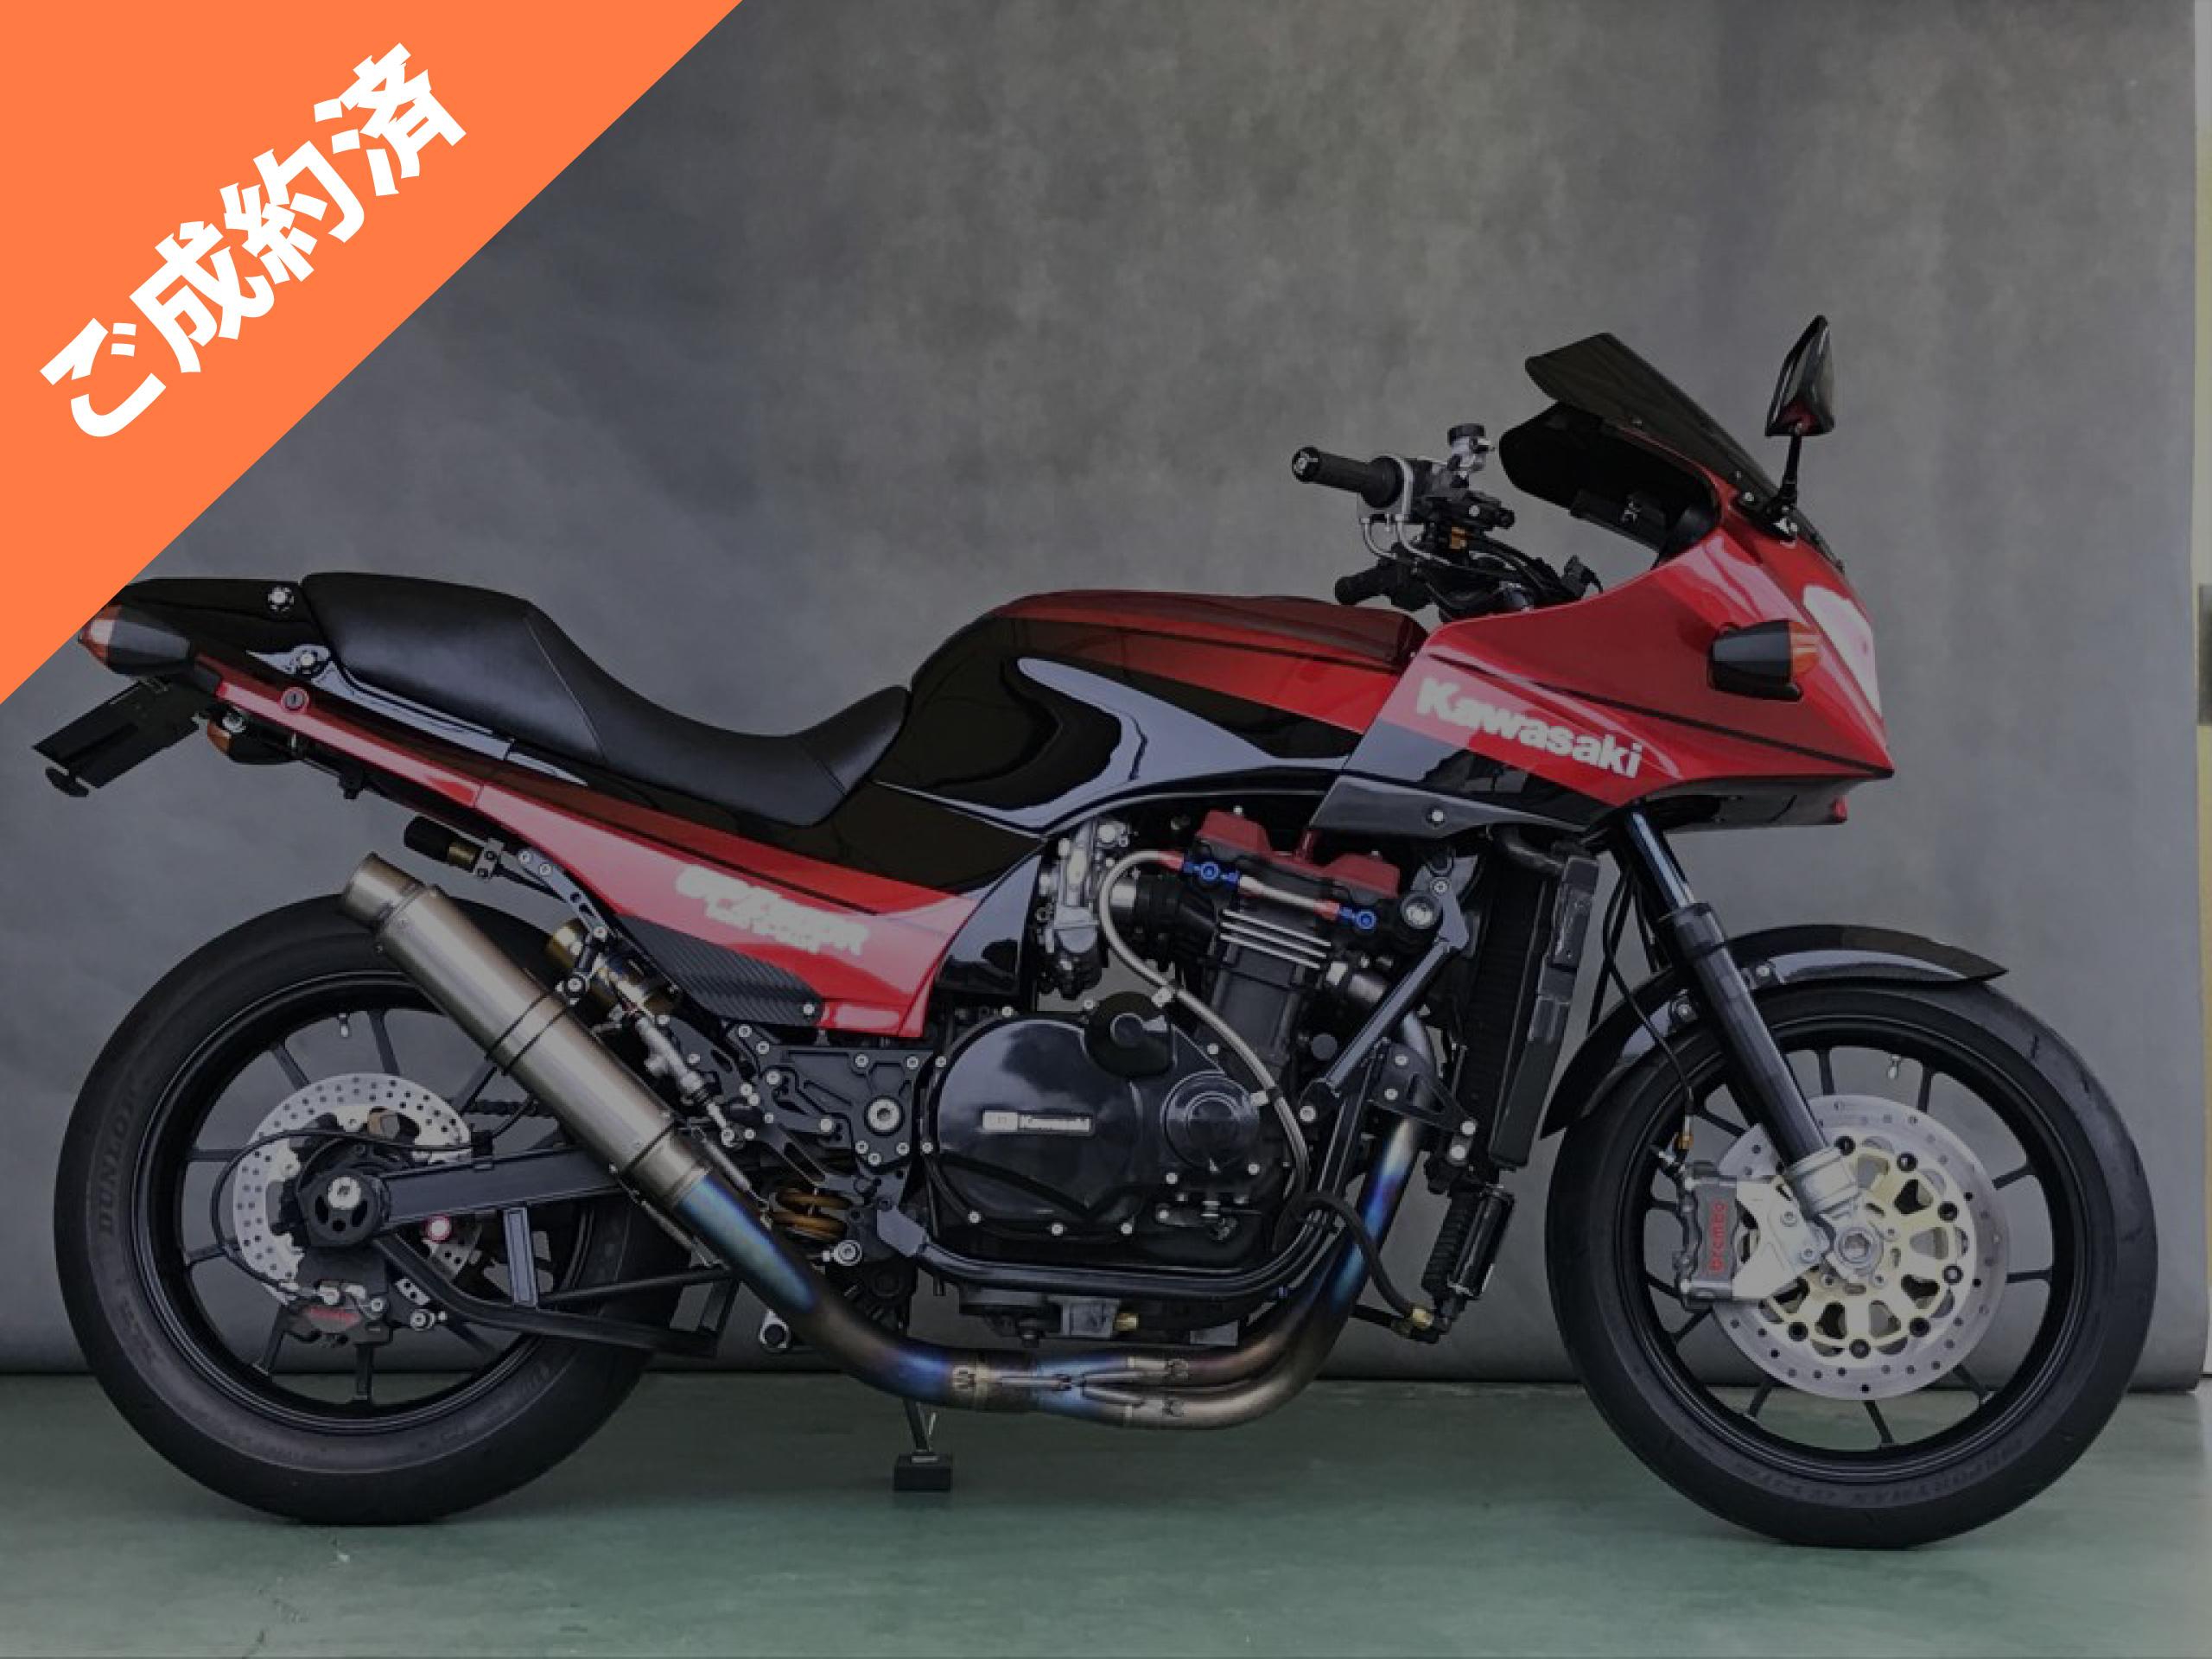 GPZ900R A10車両本体価格:220万円(税別)ご成約済み